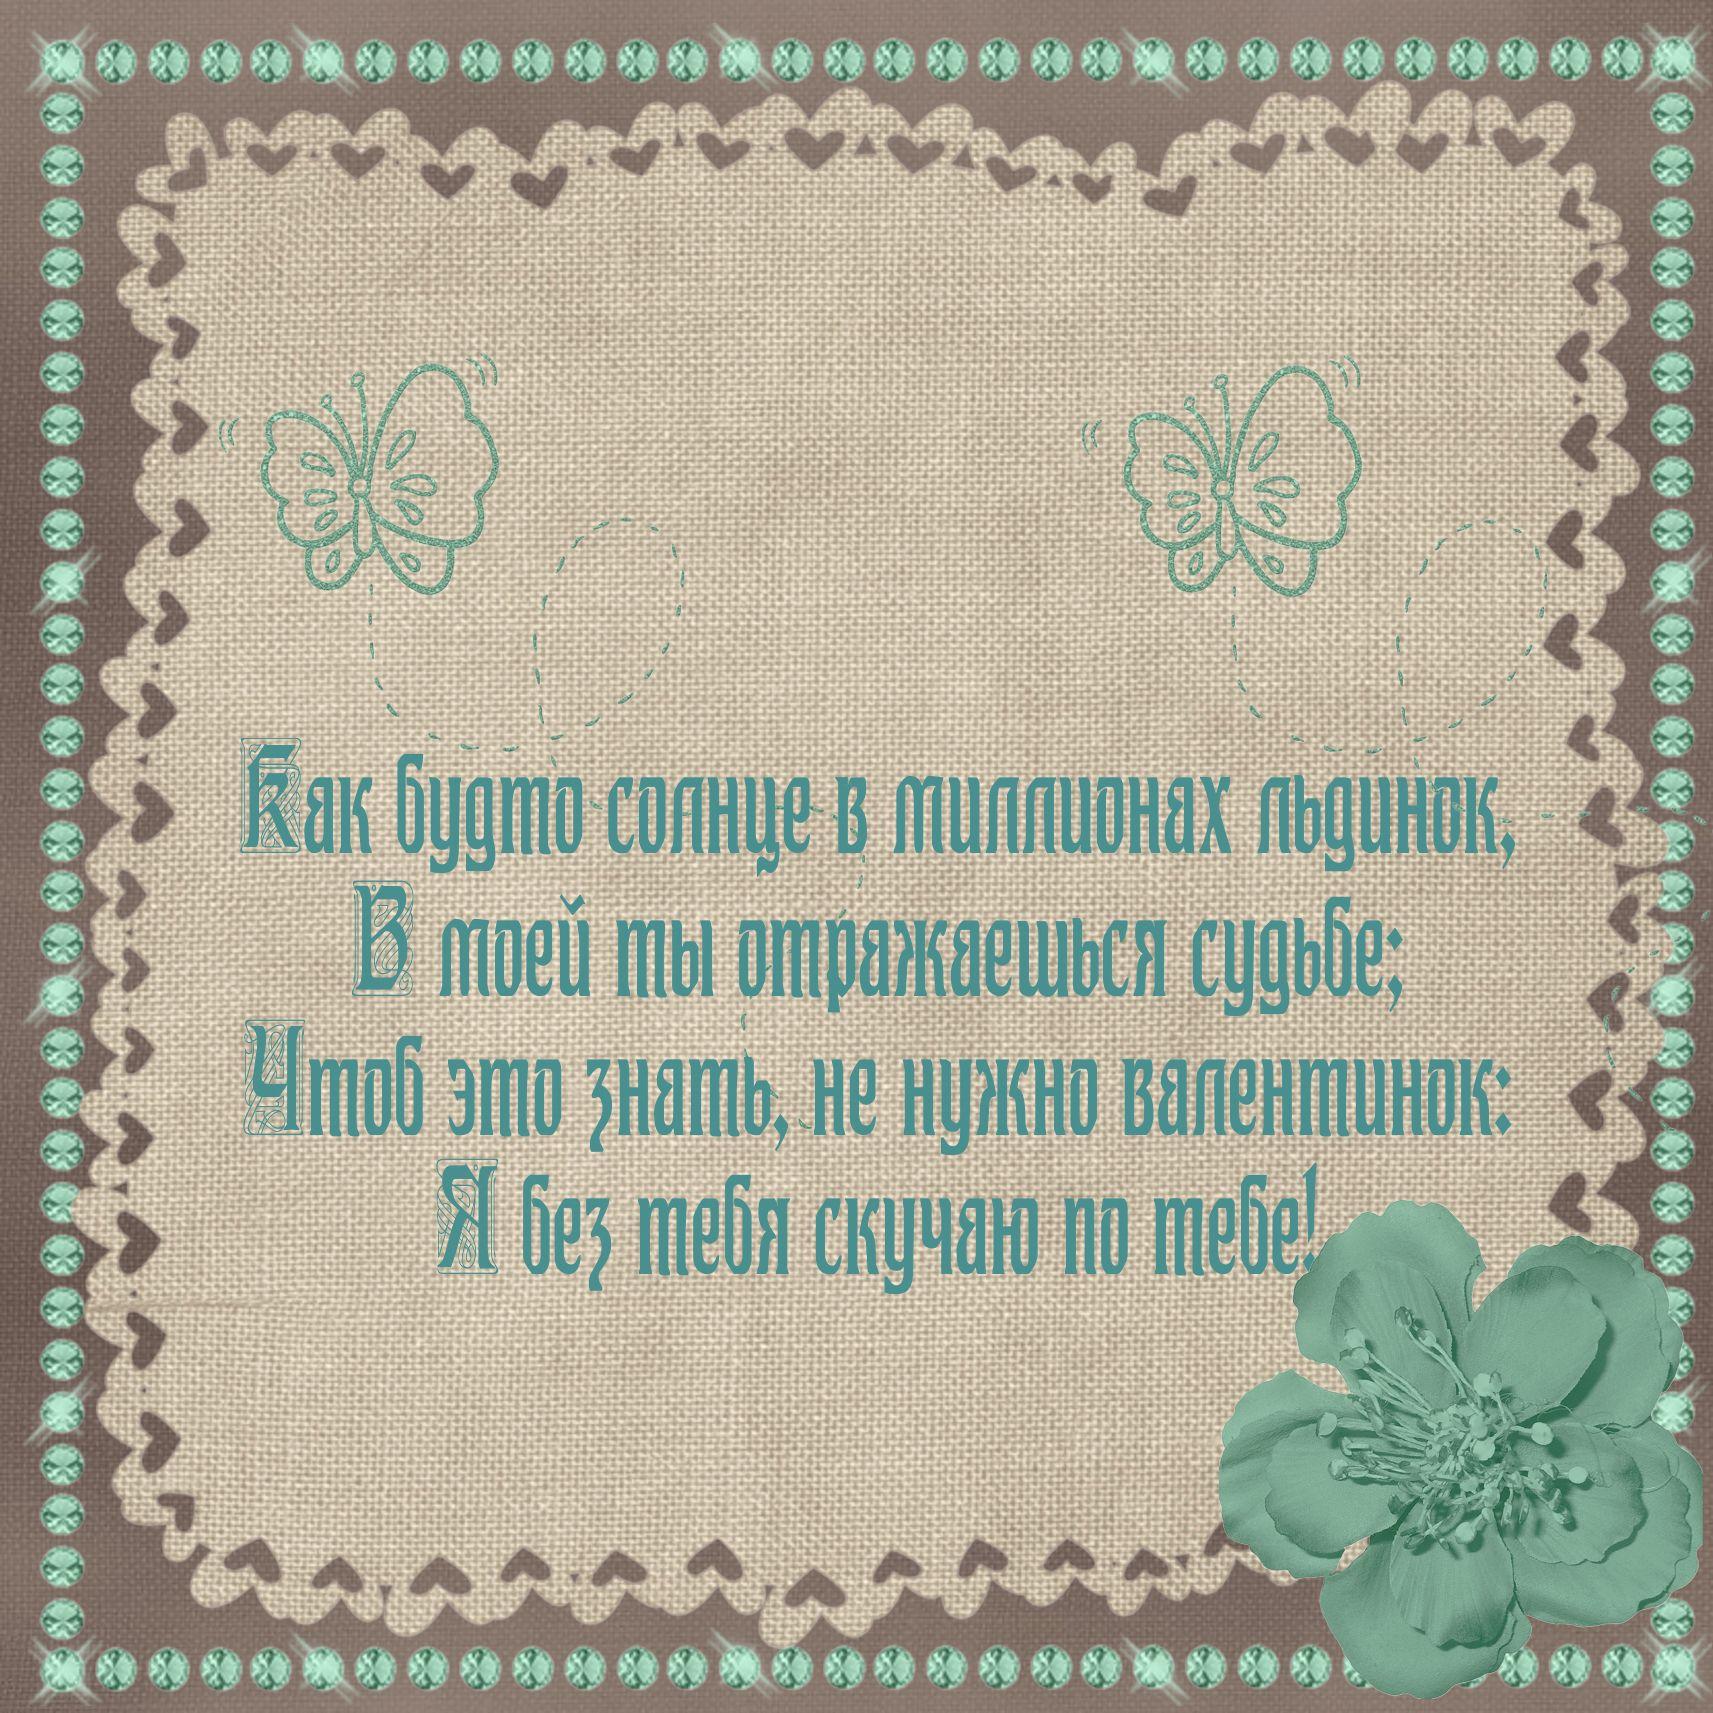 Поздравления с новым годом на адыгейском языке